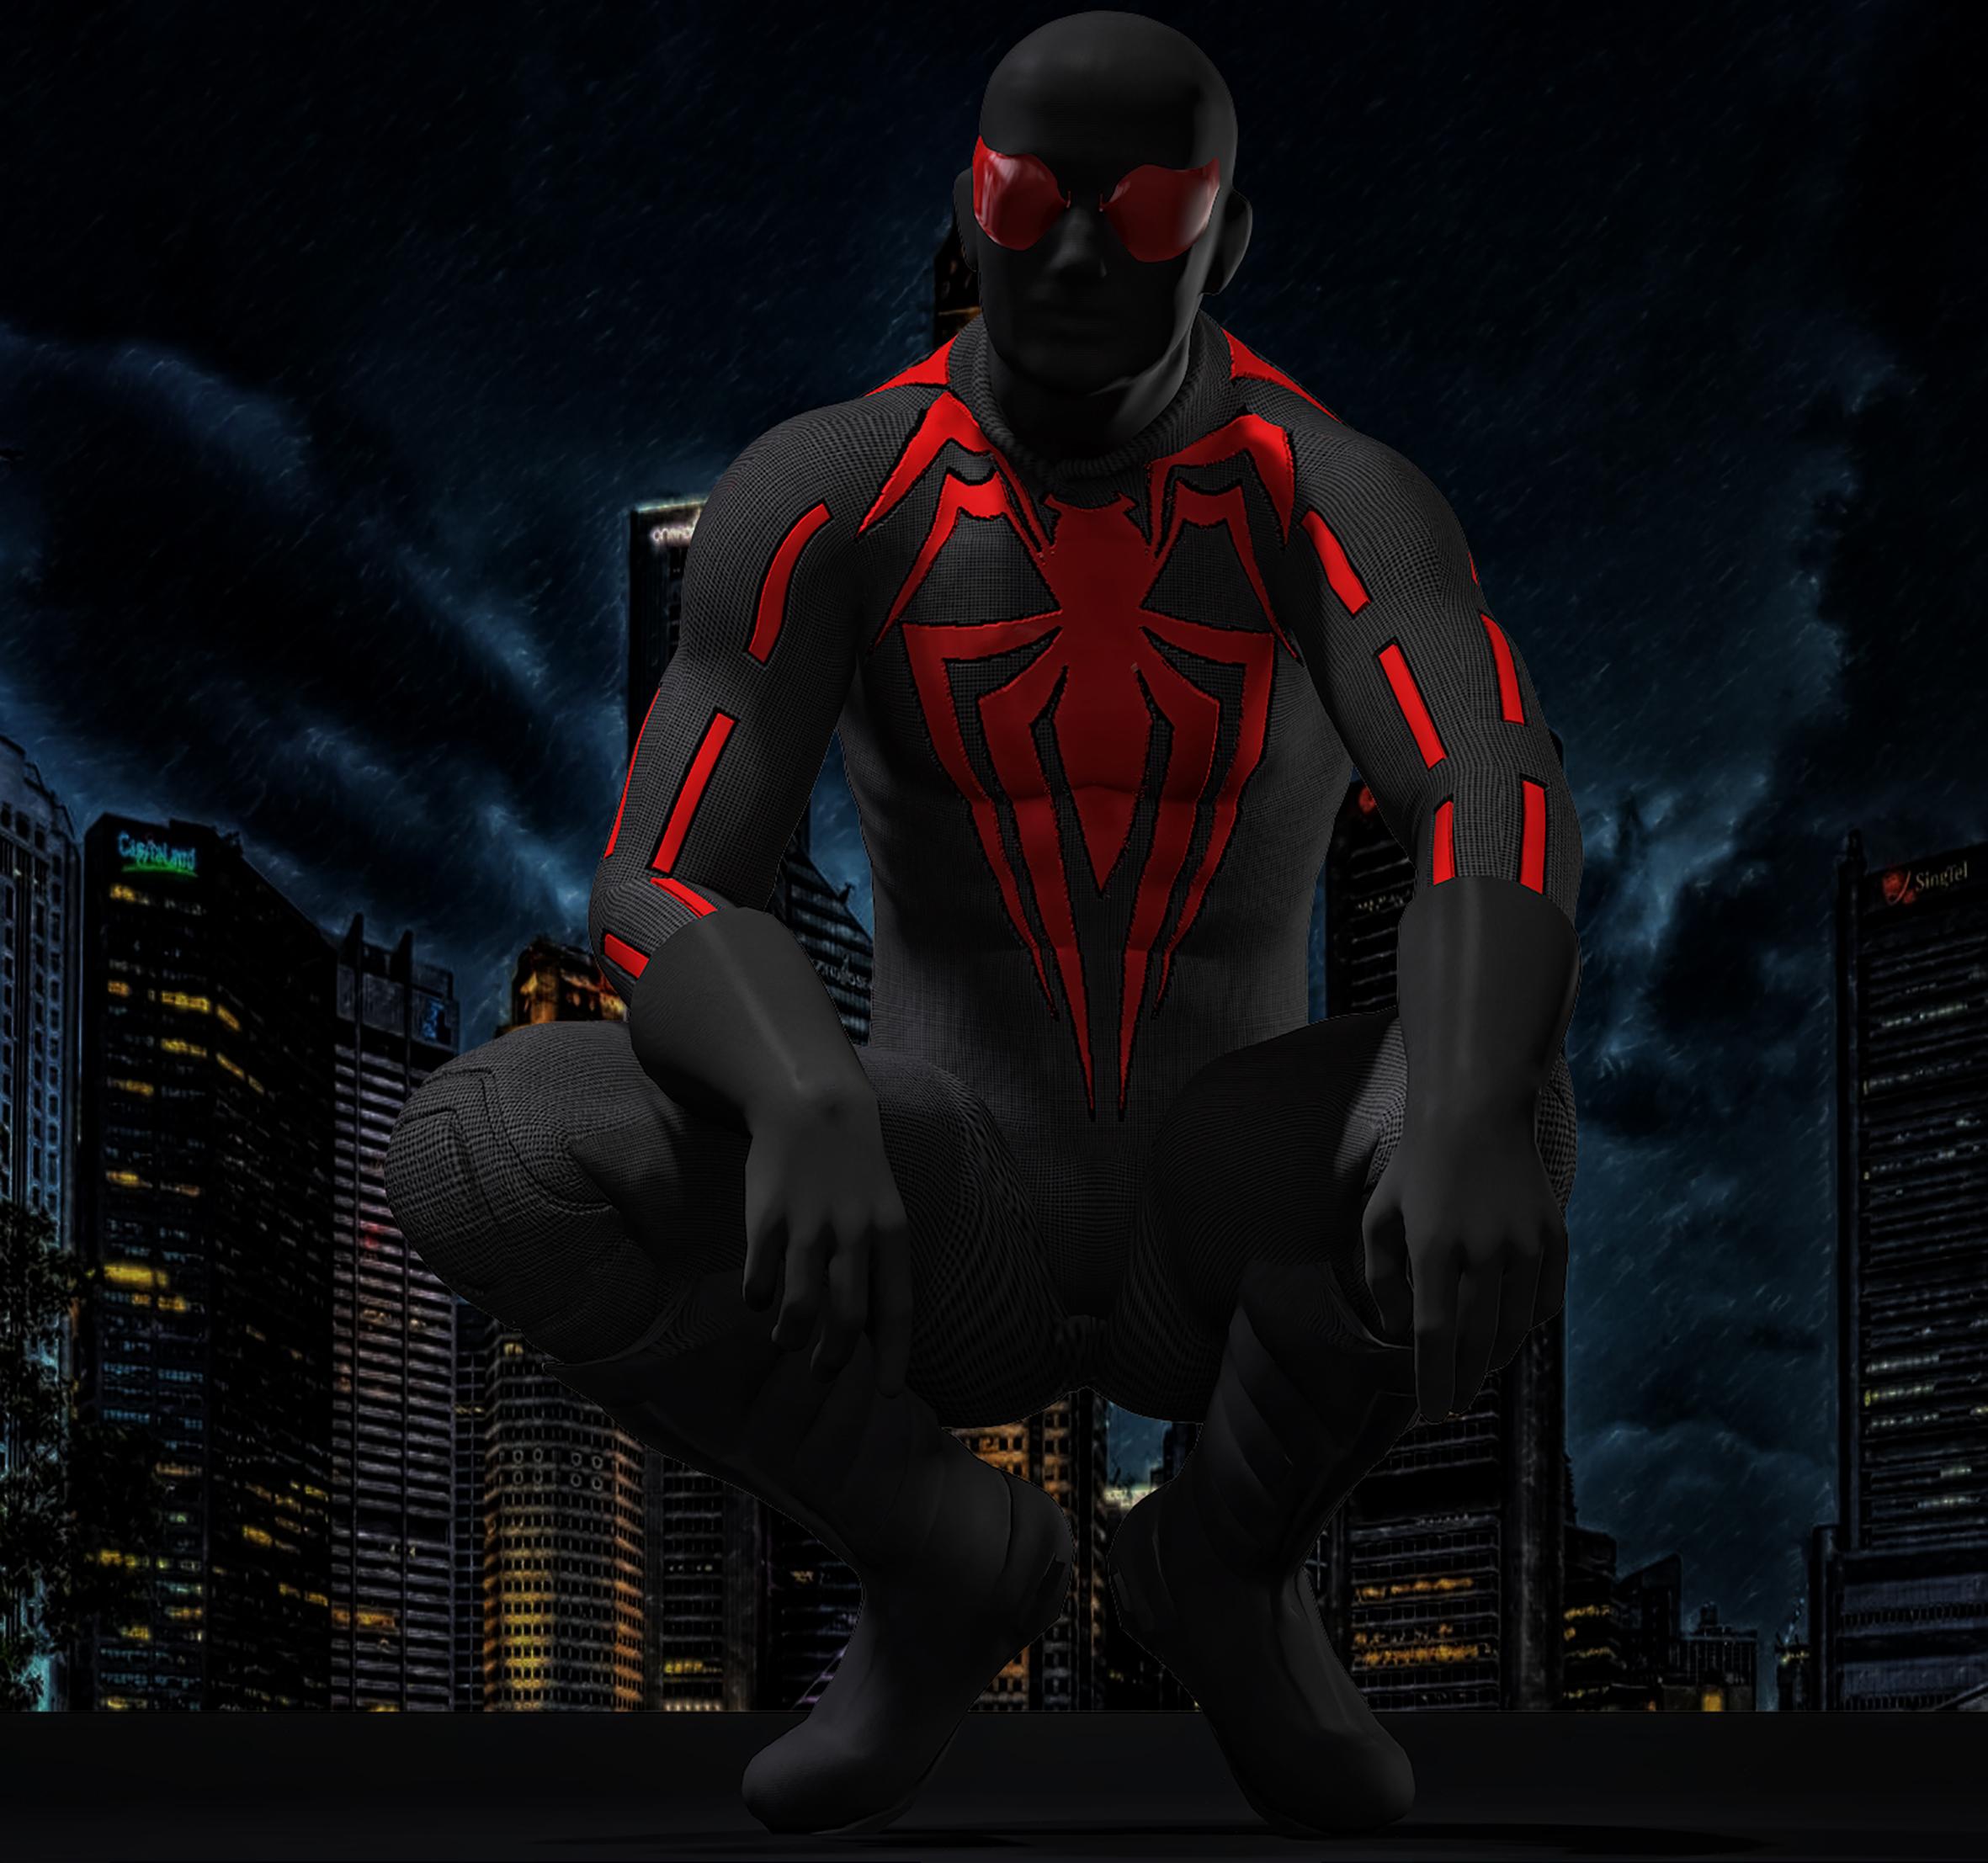 Dark Spiderman textures